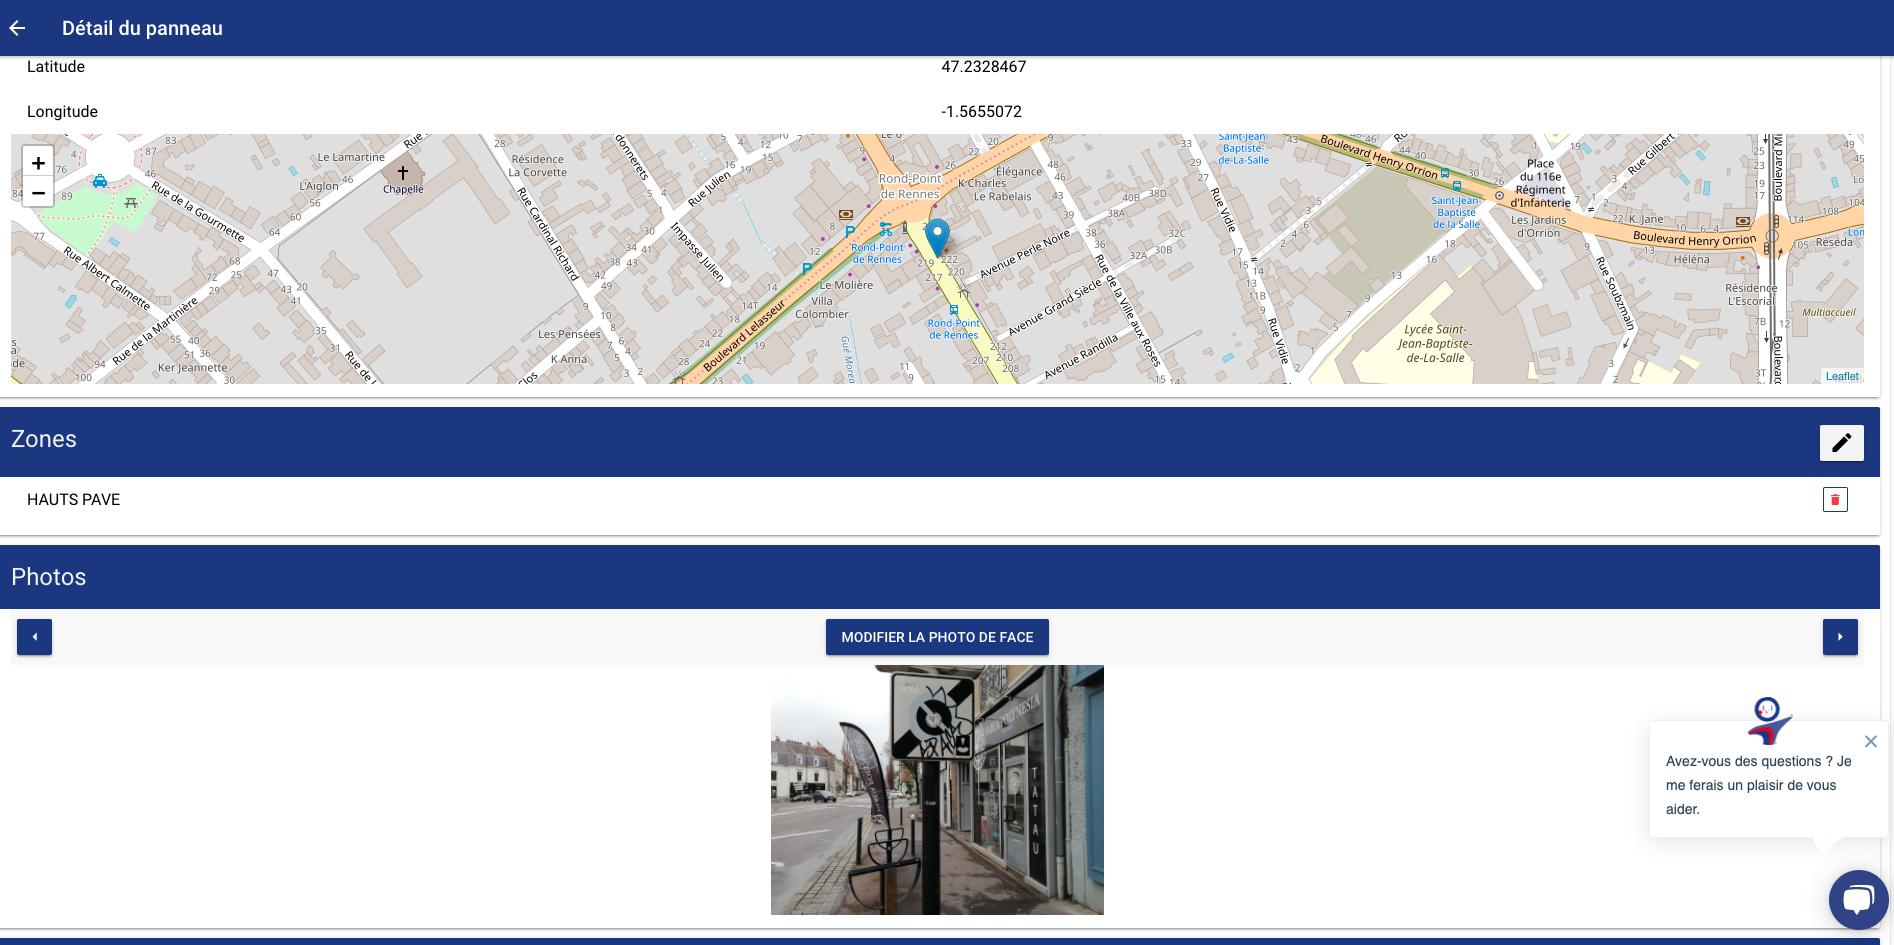 Capture d'écran 2020-04-03 à 14.41.41